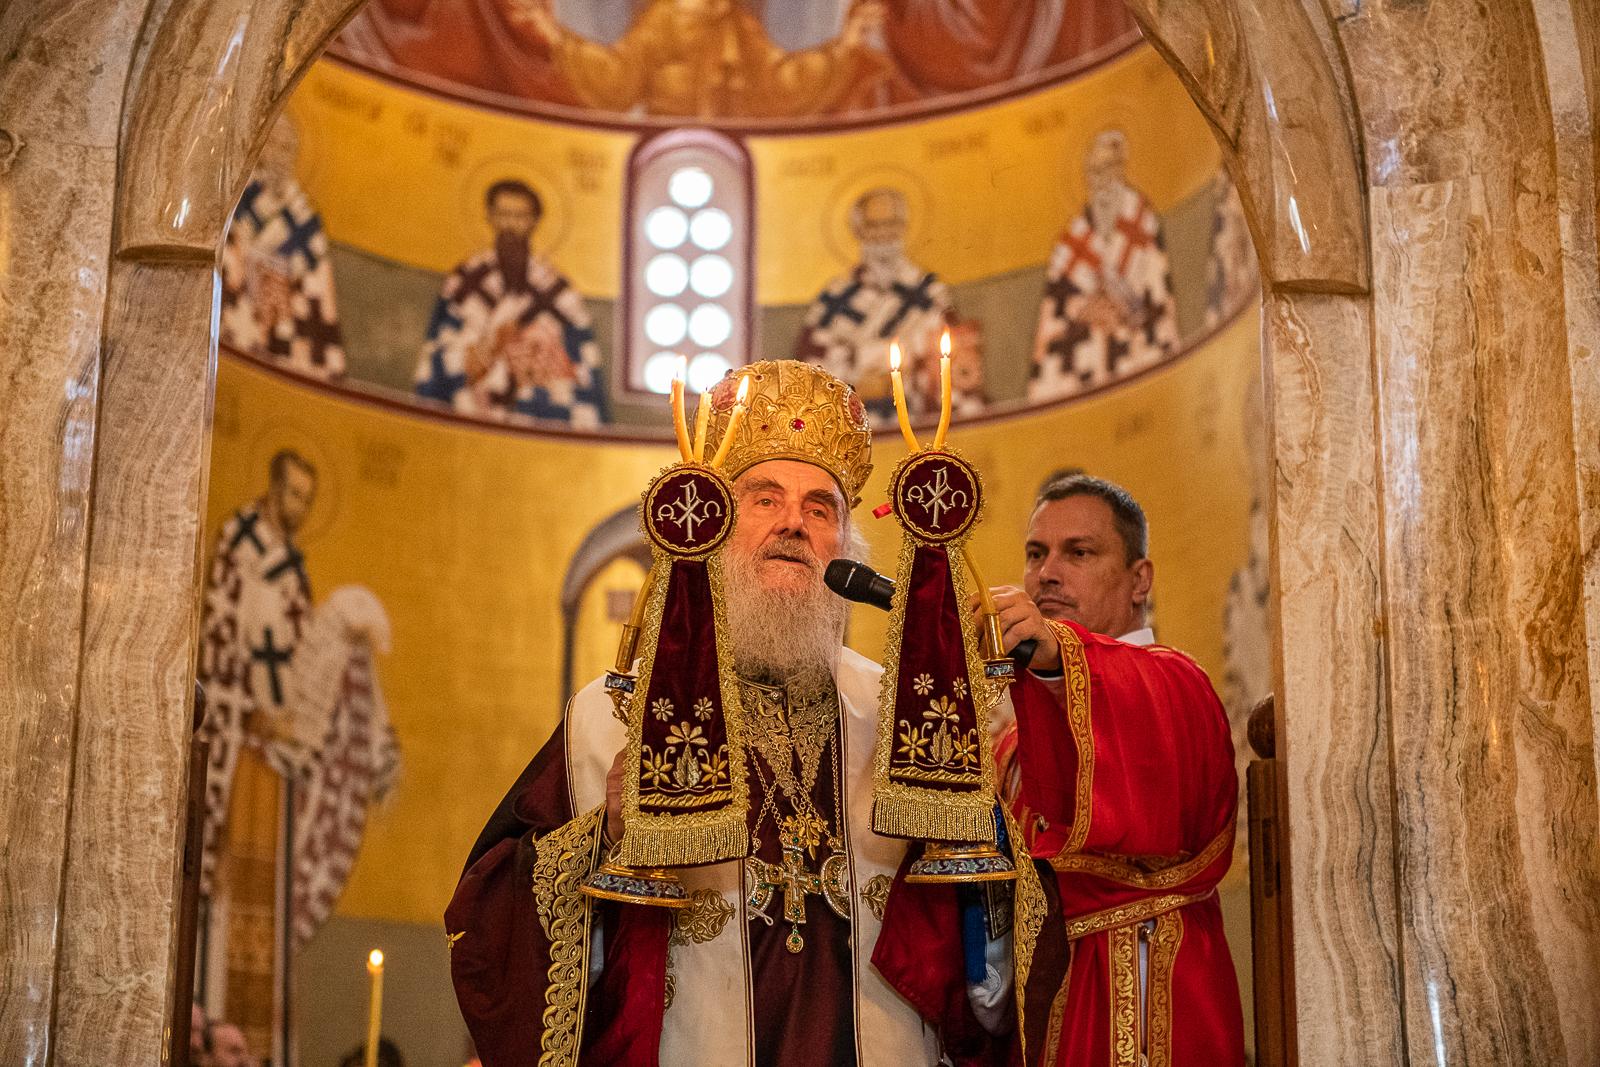 Belehalt a koronavírusba a szerb ortodox egyház feje, aki a járványszkeptikus püspök temetésén fertőződött meg